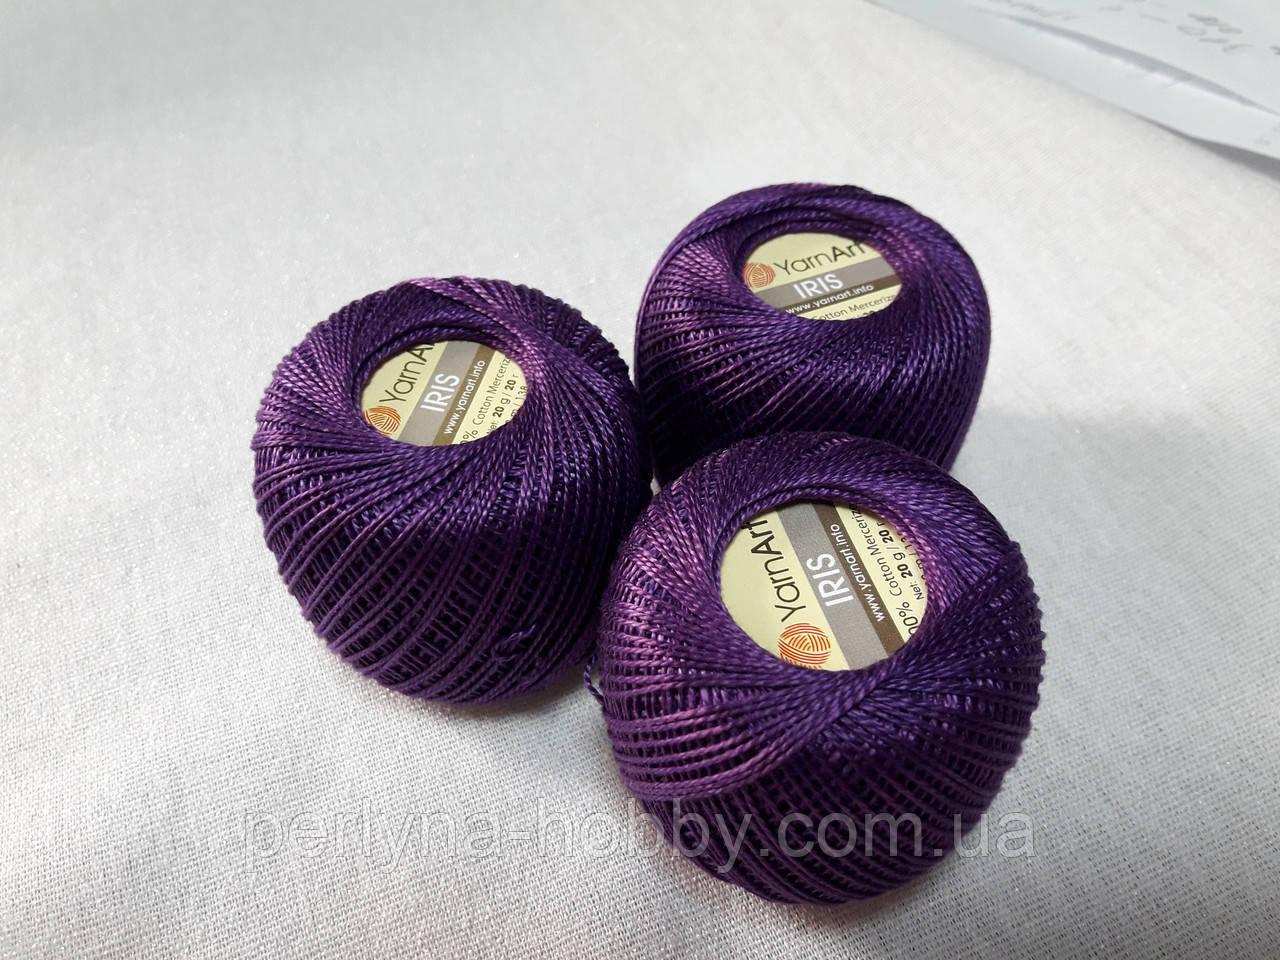 Нитки  для в'язання та гачкуння Ірис Пряжа Iris YarnArt 100% бавовна, фіолетовий, 1 шт № 0919